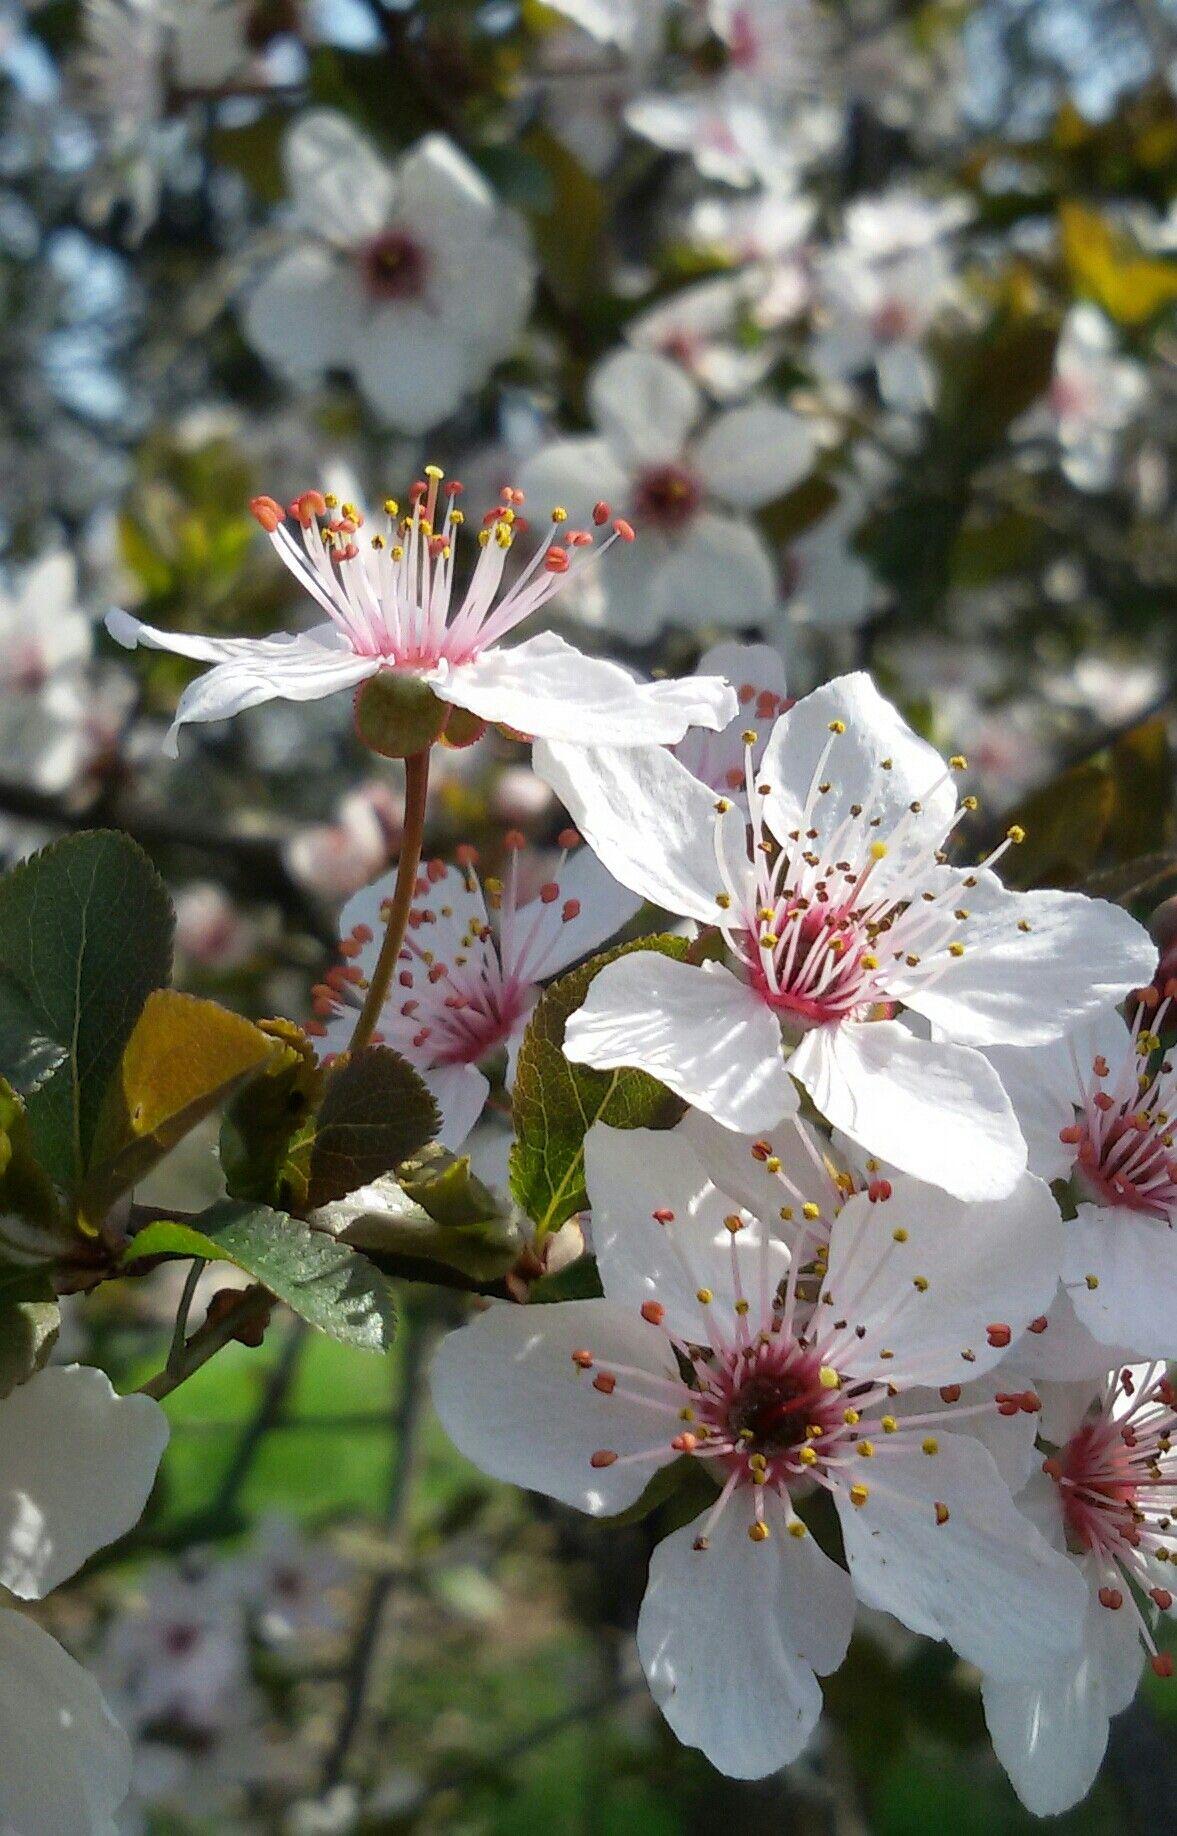 Fiori Bianchi Albero.Albero In Fiore Fiori Bianchi E Rosa Natura Alberi In Fiore